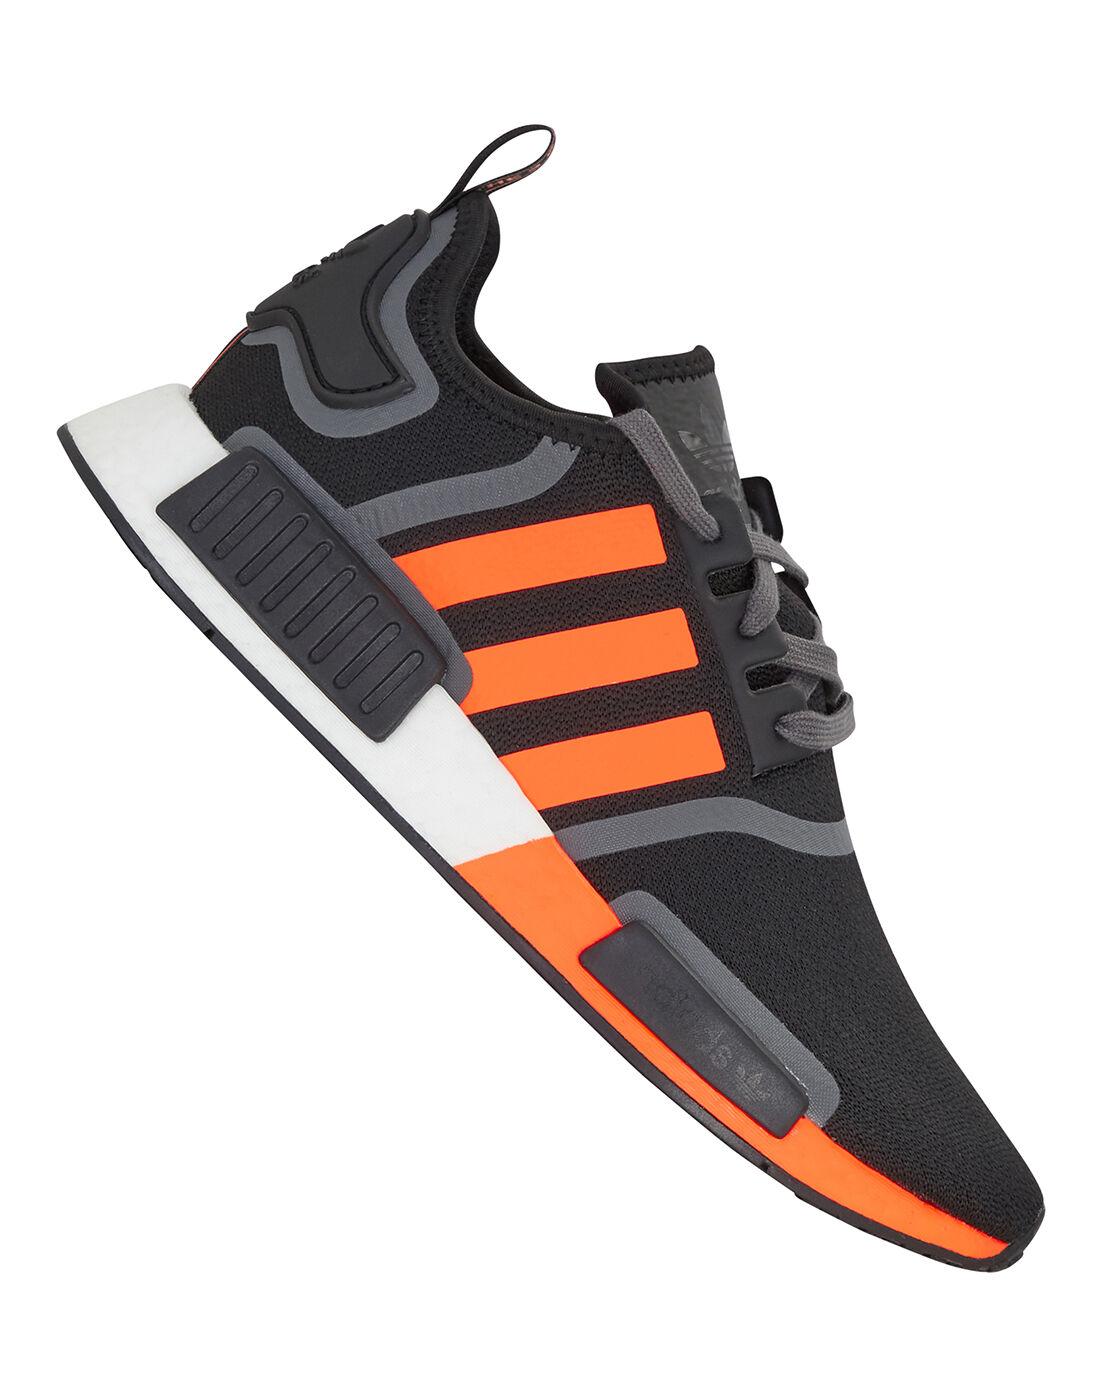 adidas Originals adidas agora shoes price list india 2020   Mens NMD_R1